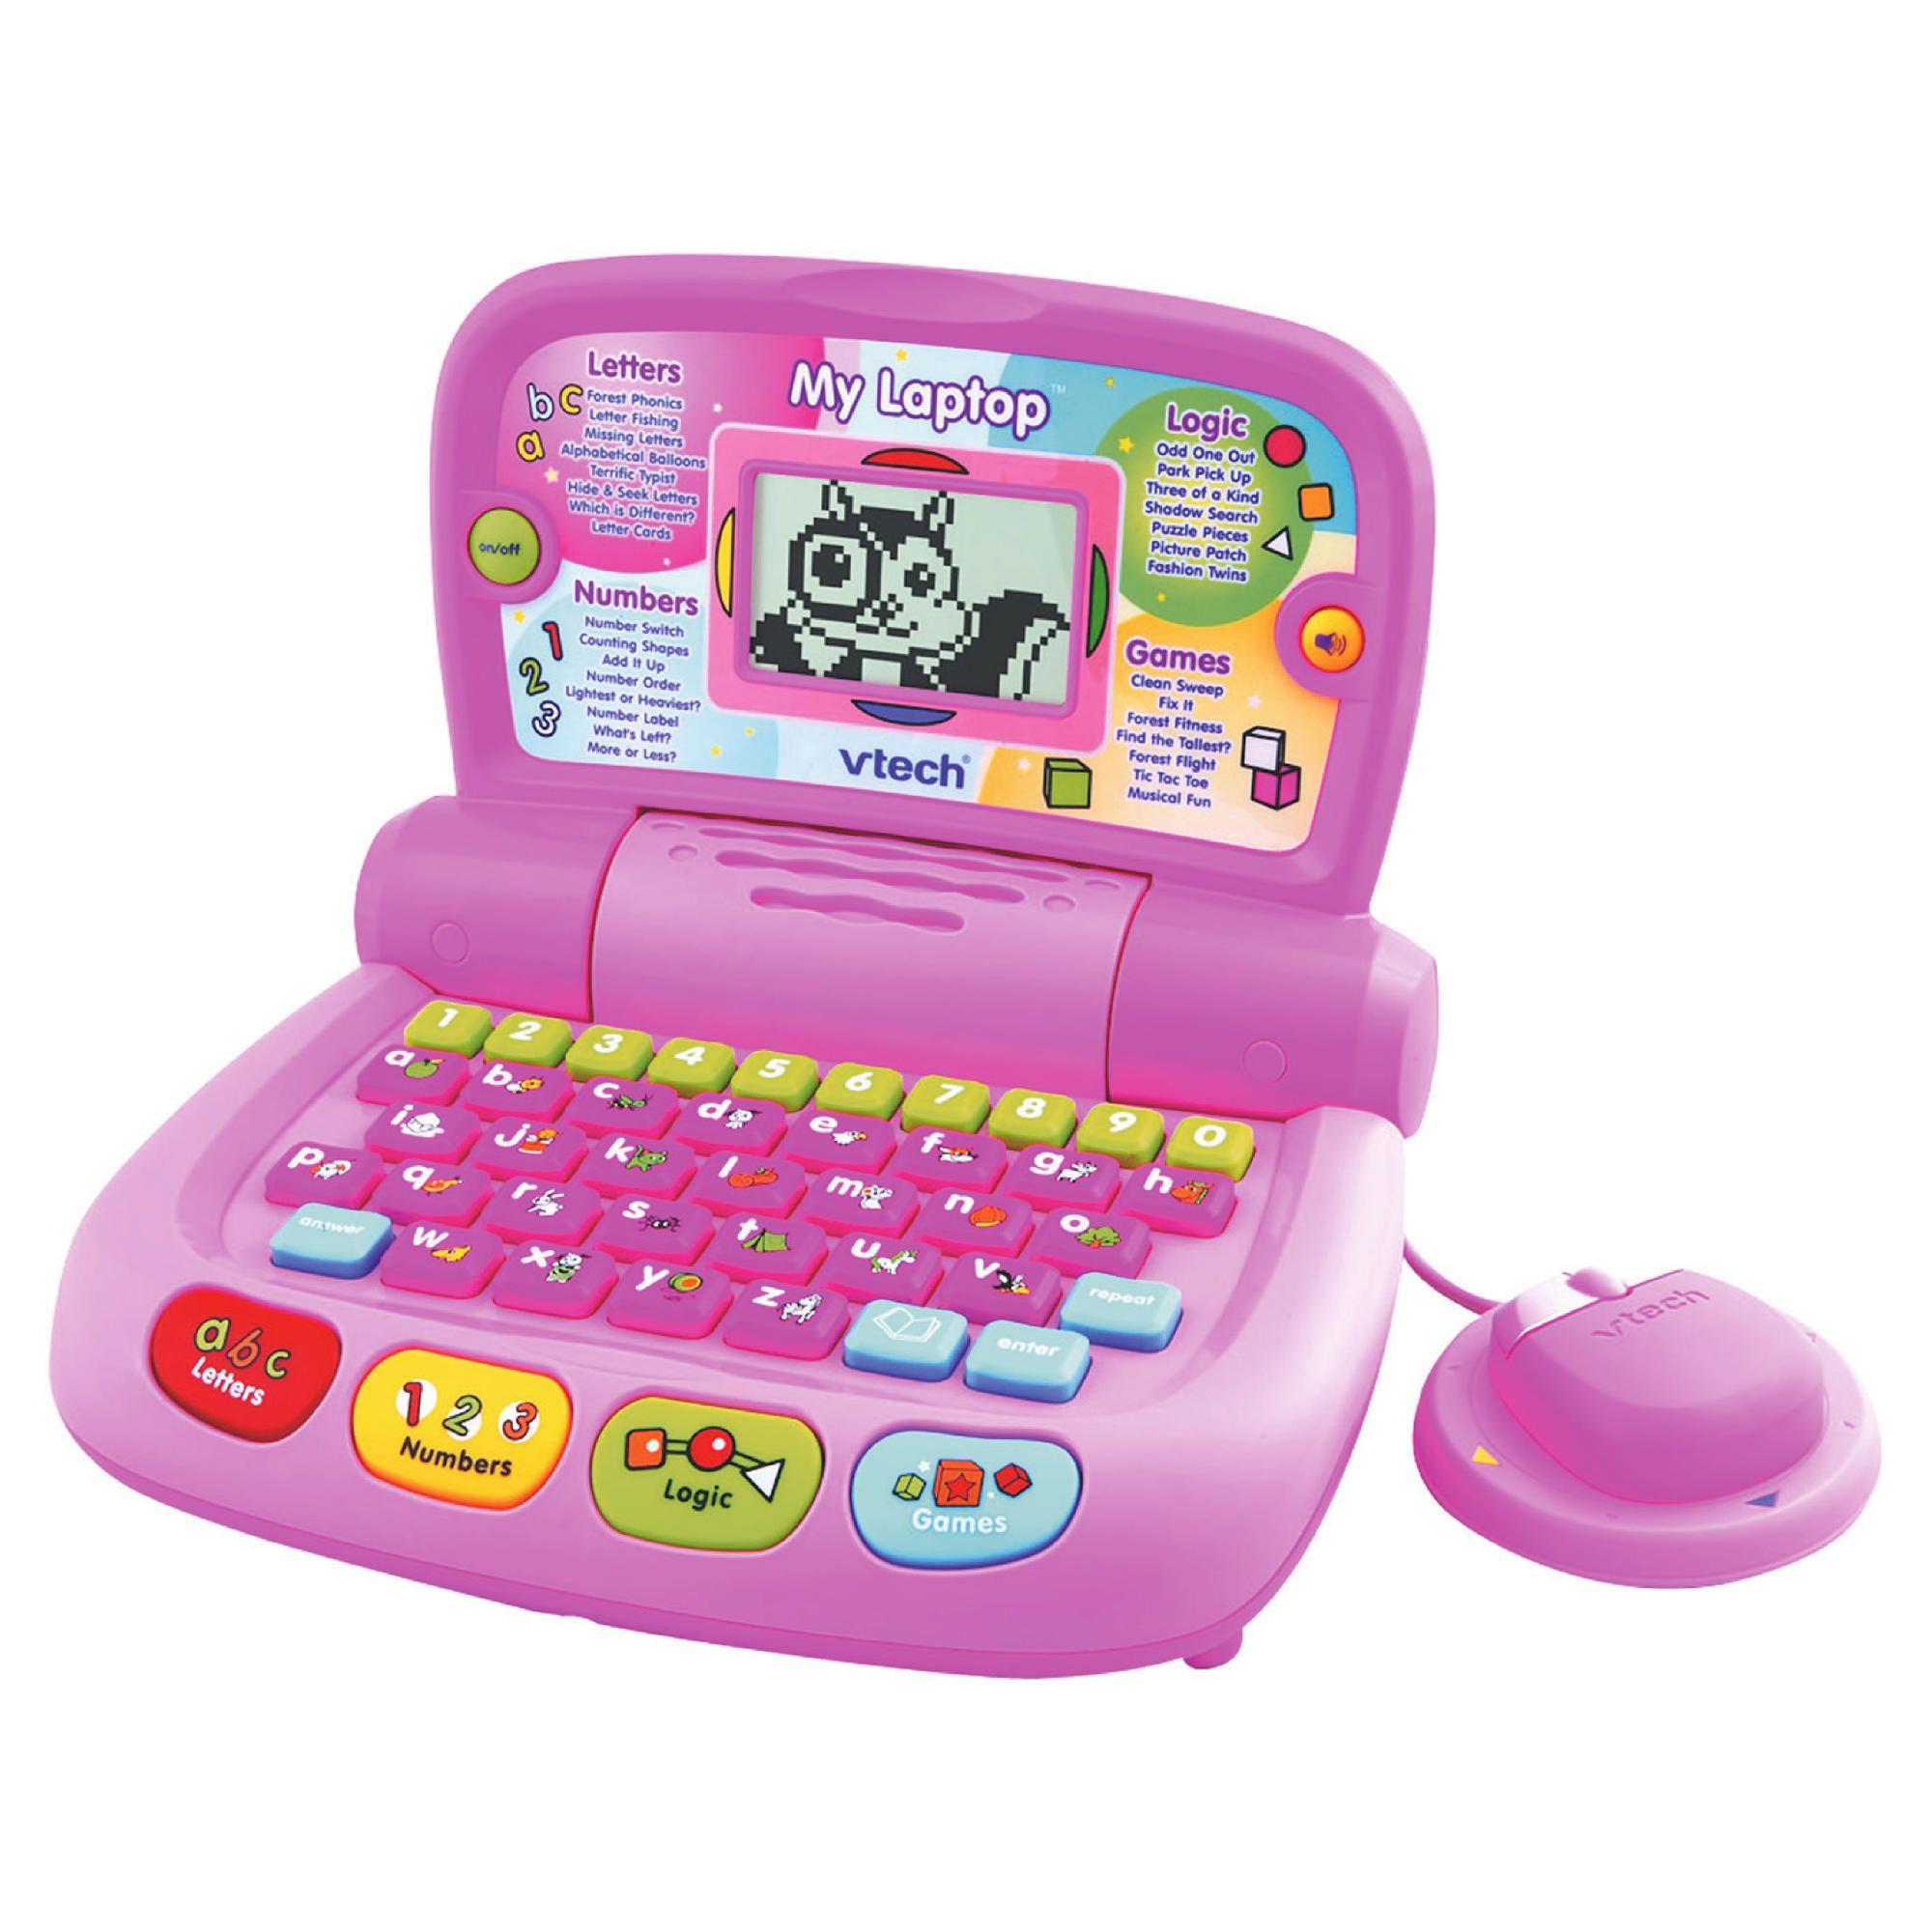 vtech my laptop pink instructions